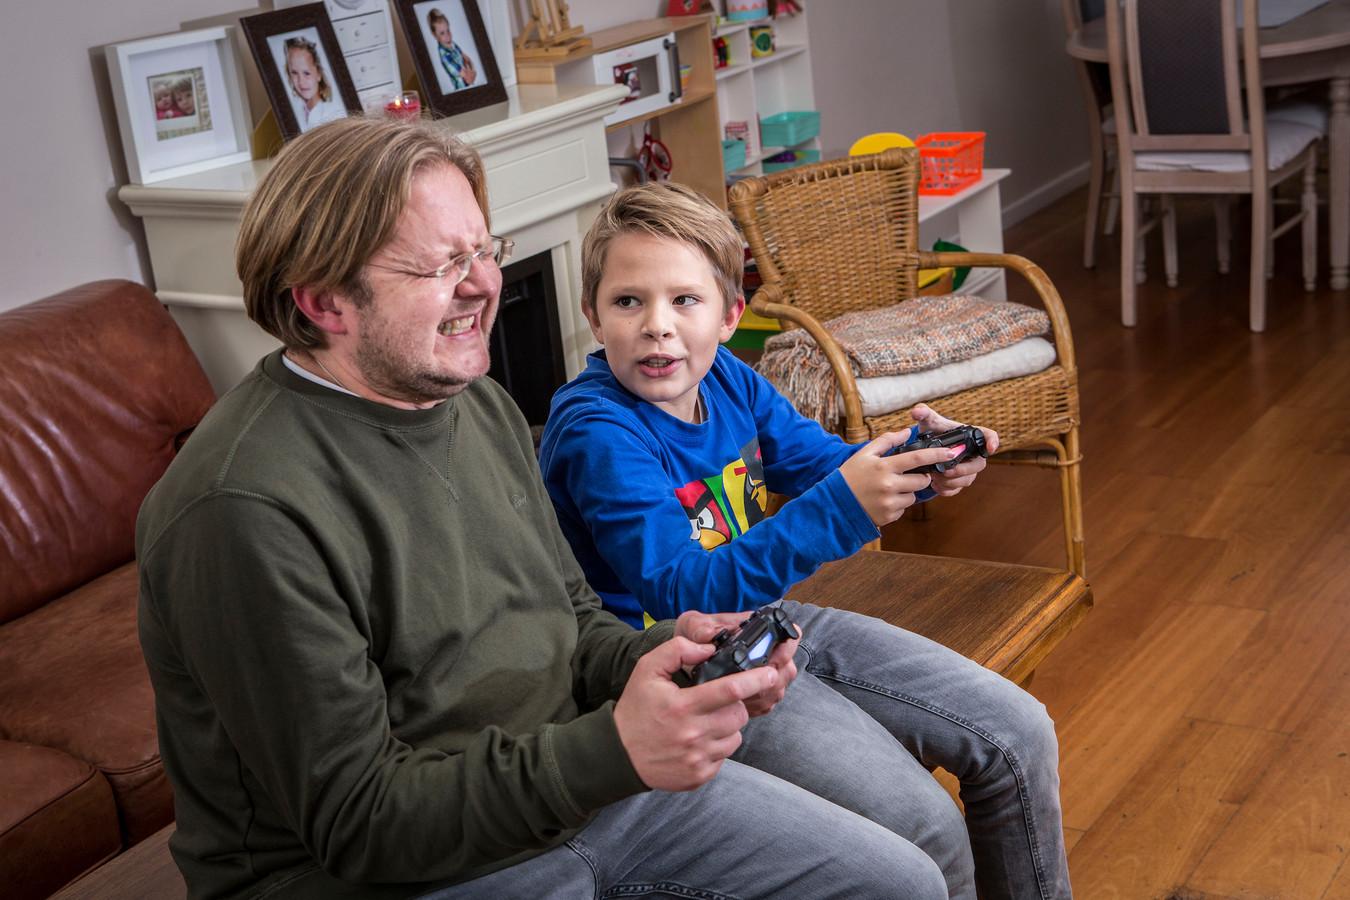 Gametijd in huize Remijnsen. Grrr... de jonge garde is met gamen niet meer te kloppen.